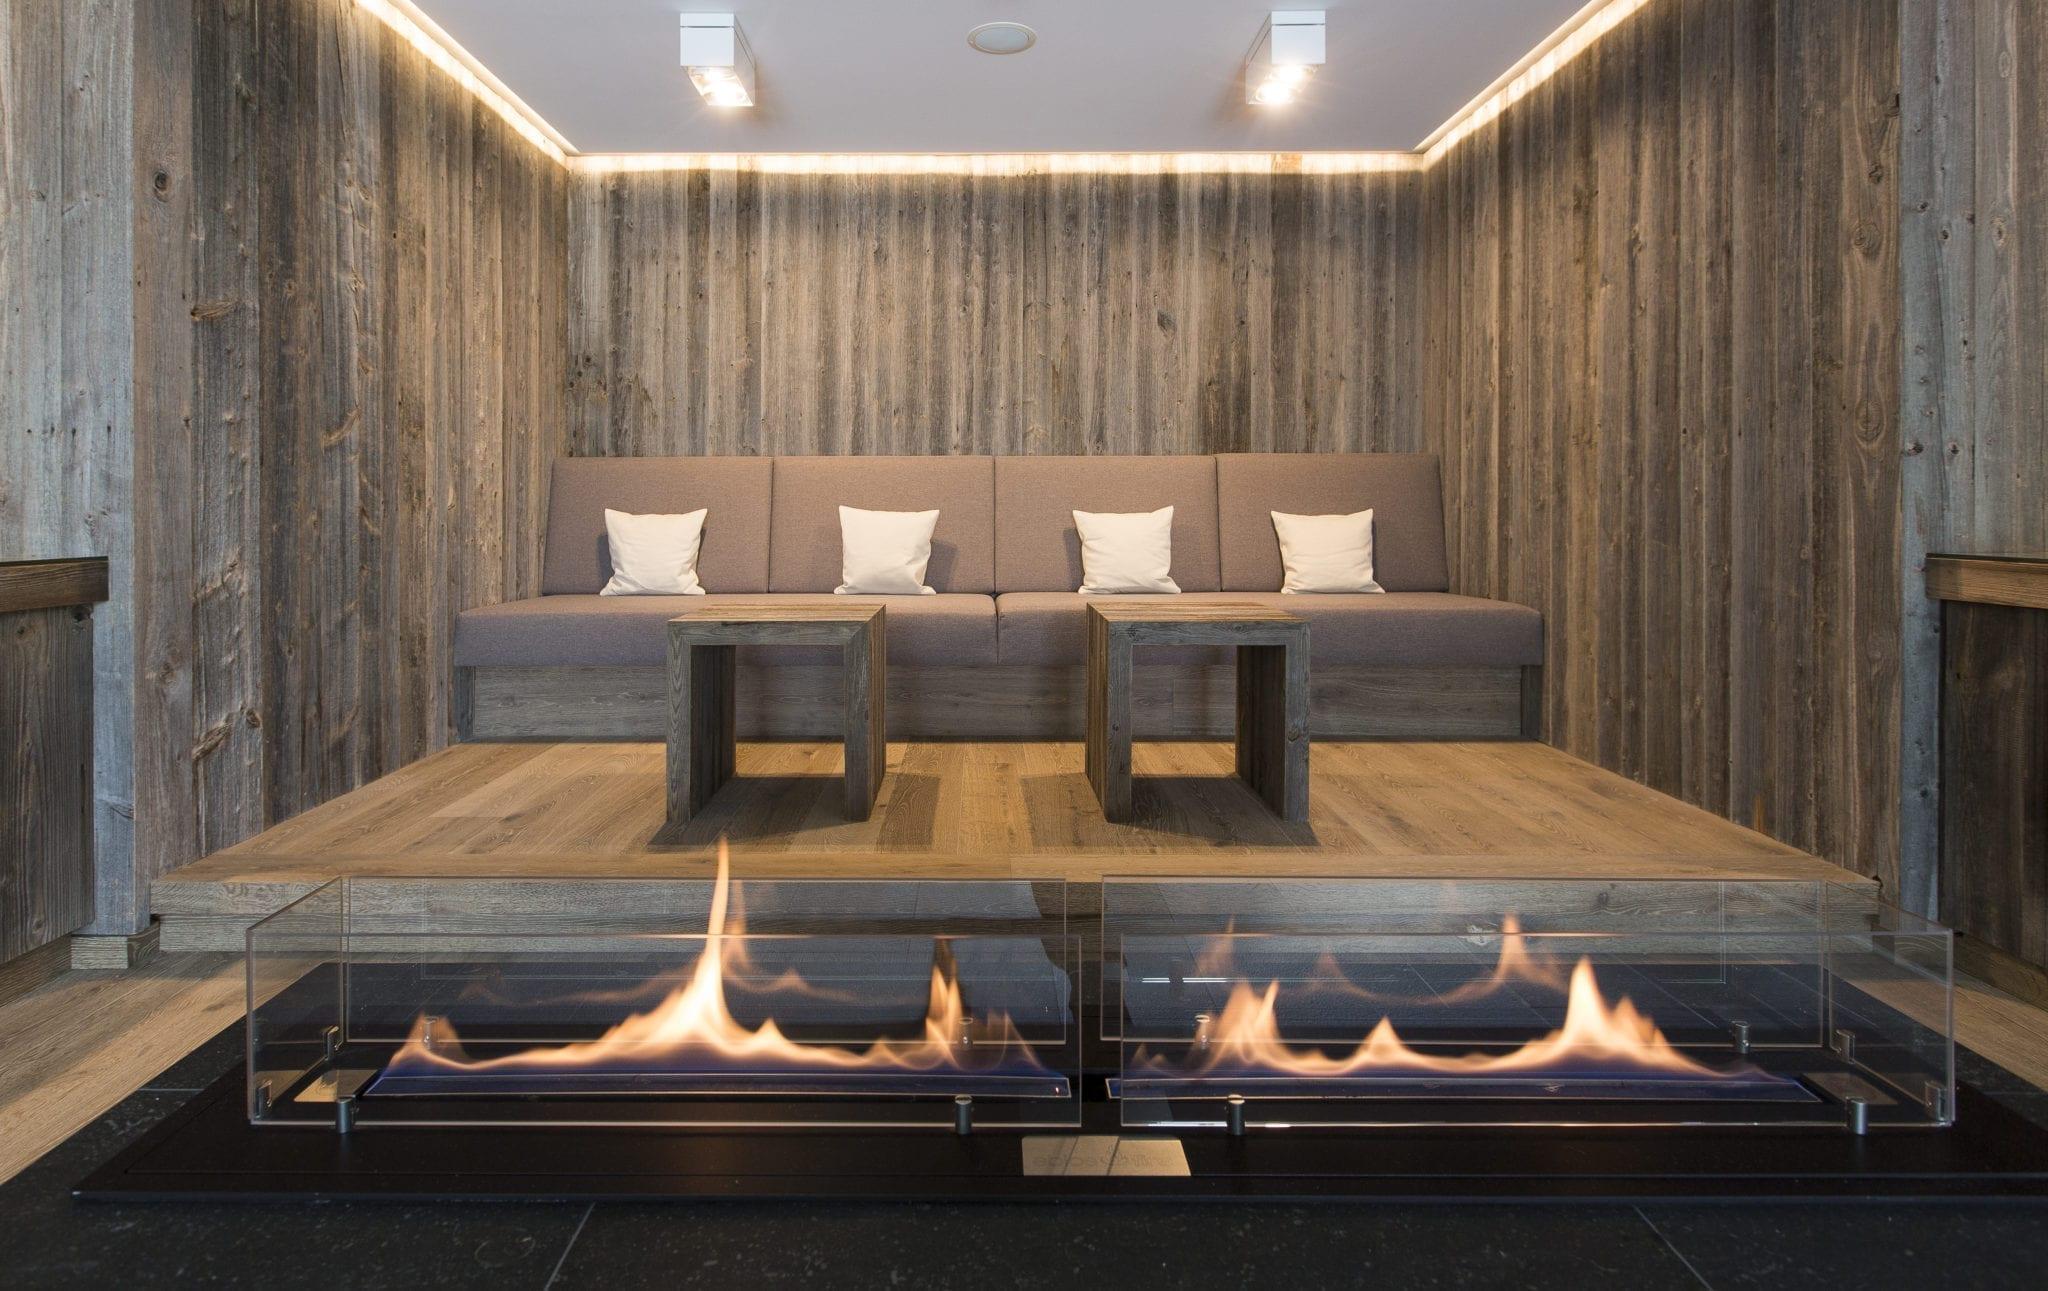 Hotel Graseck ELEMENTs Altholz sonnenverbrannt grau FLOORs Eiche Enas 19 4 scaled